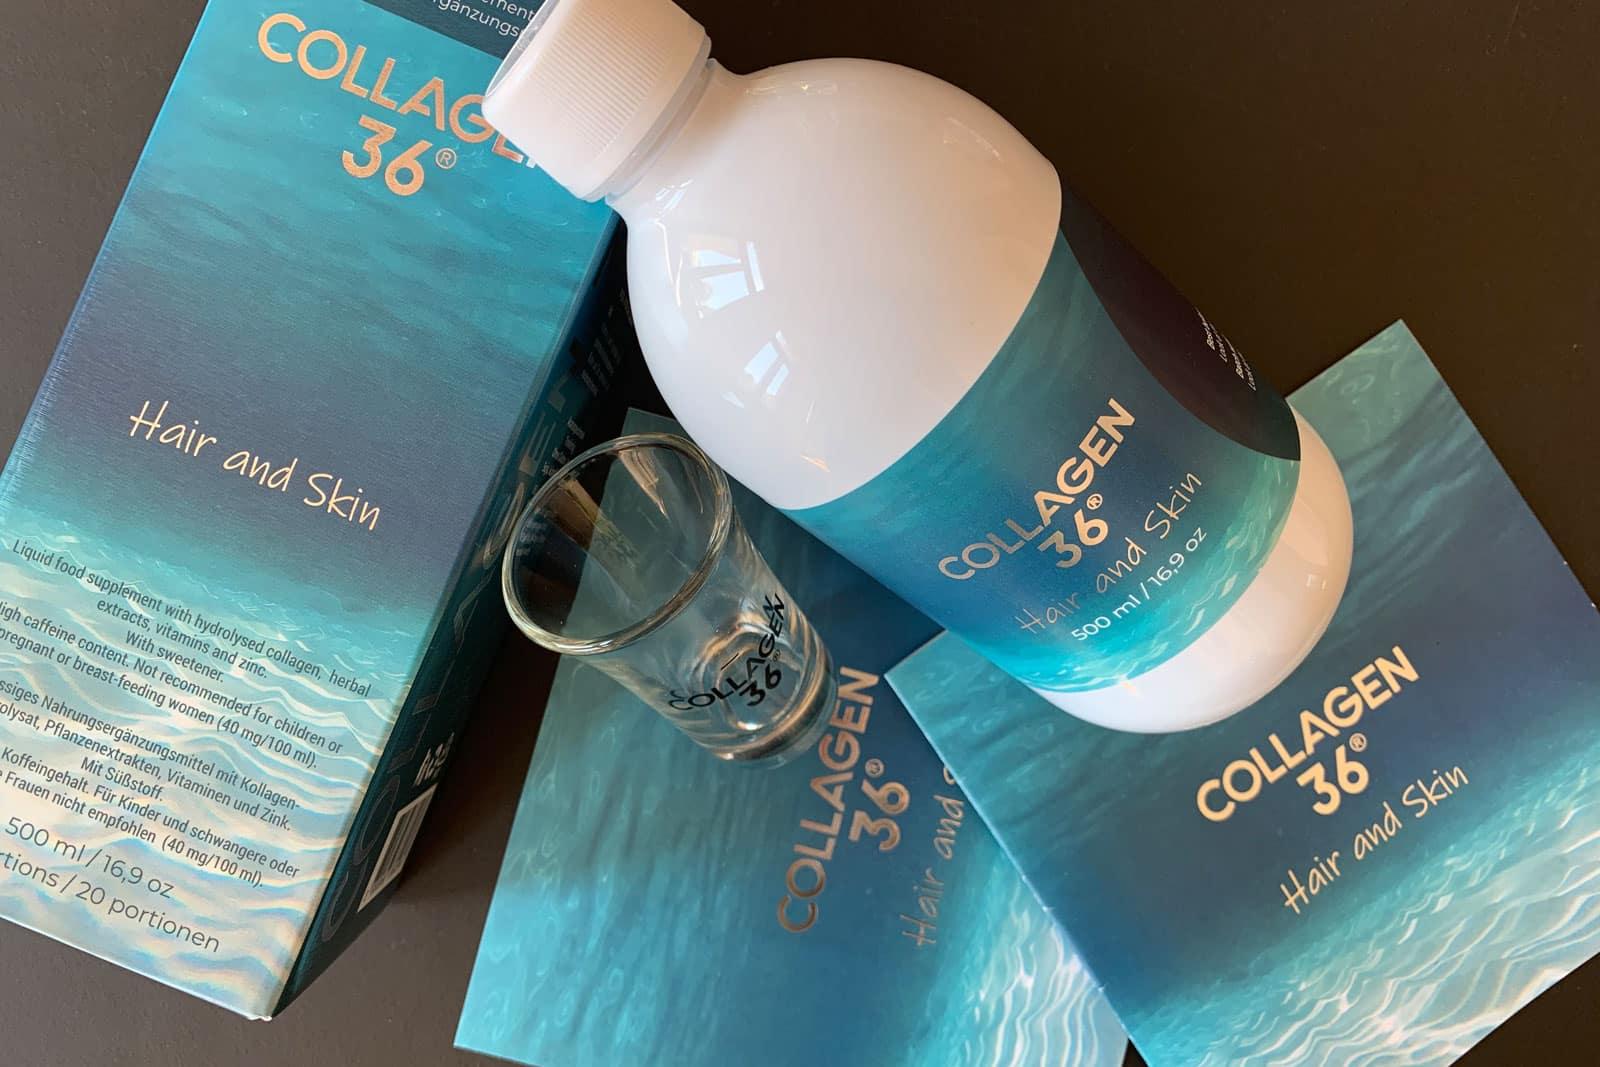 belludio-collagen36-1600px